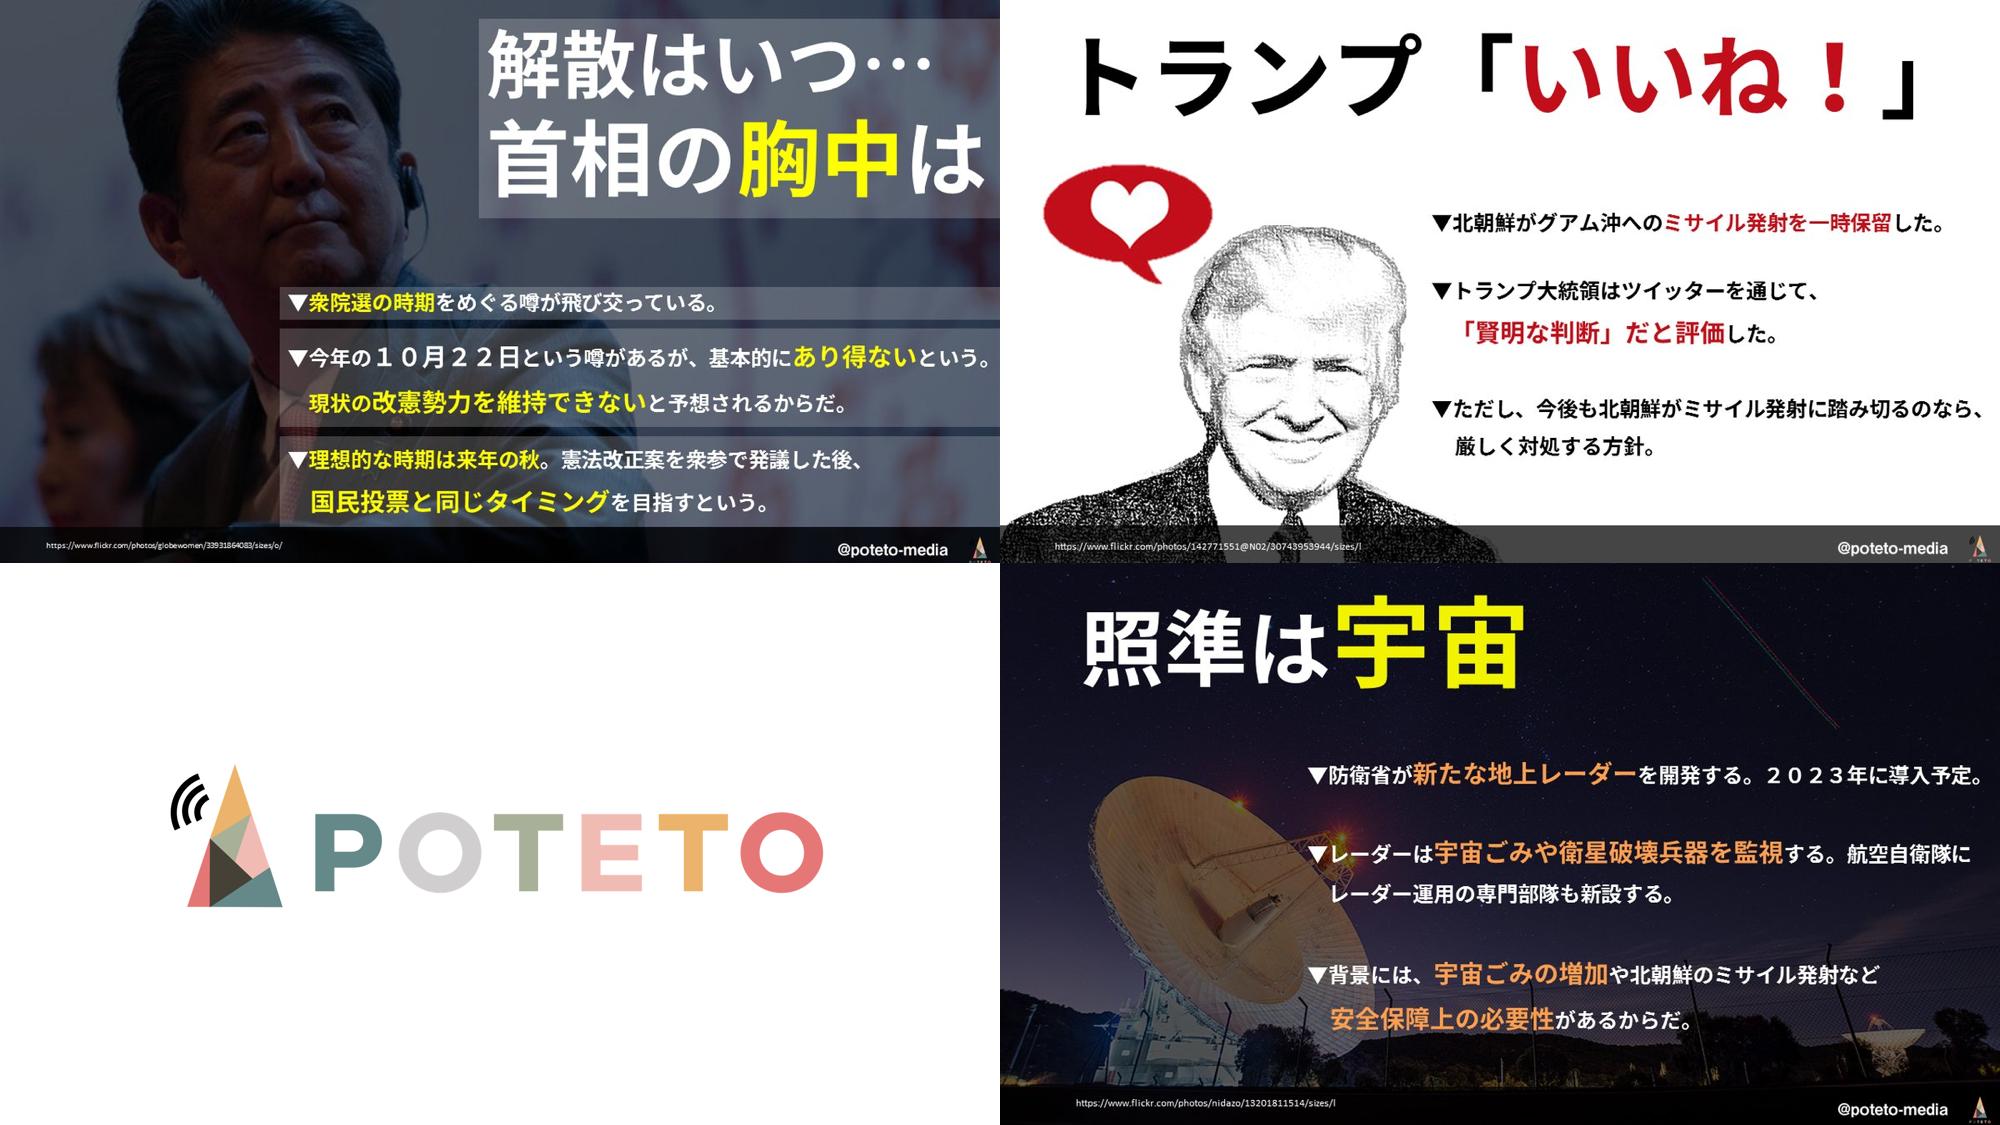 0817 1 - 2017.08.17<br>産経新聞のイチメンニュース